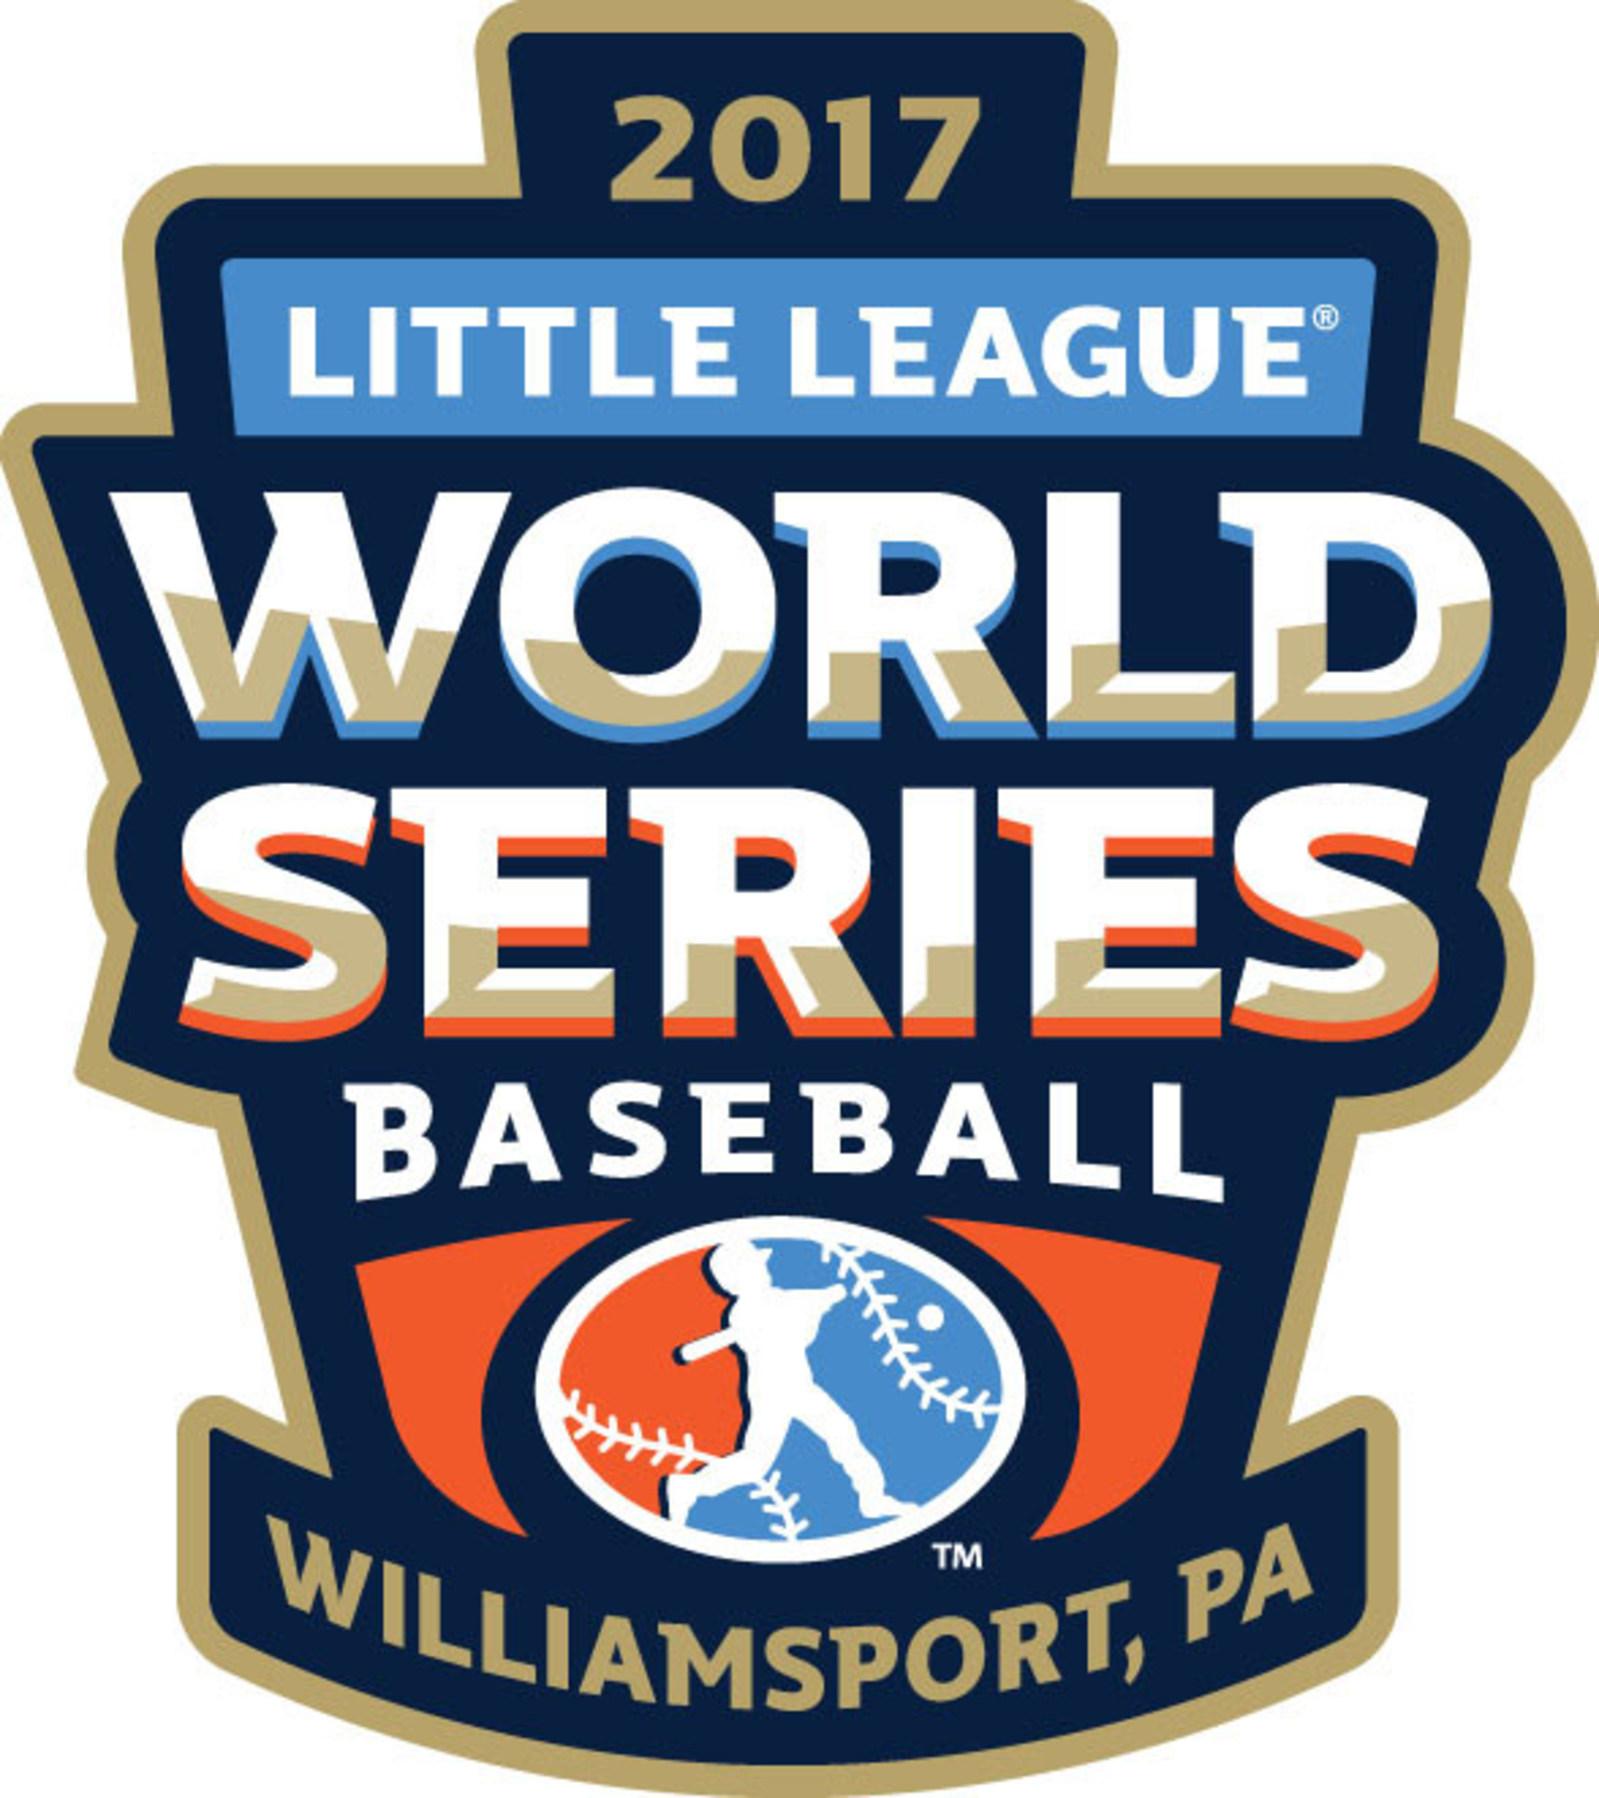 2017_Little_League_World_Series_official_logo.jpg